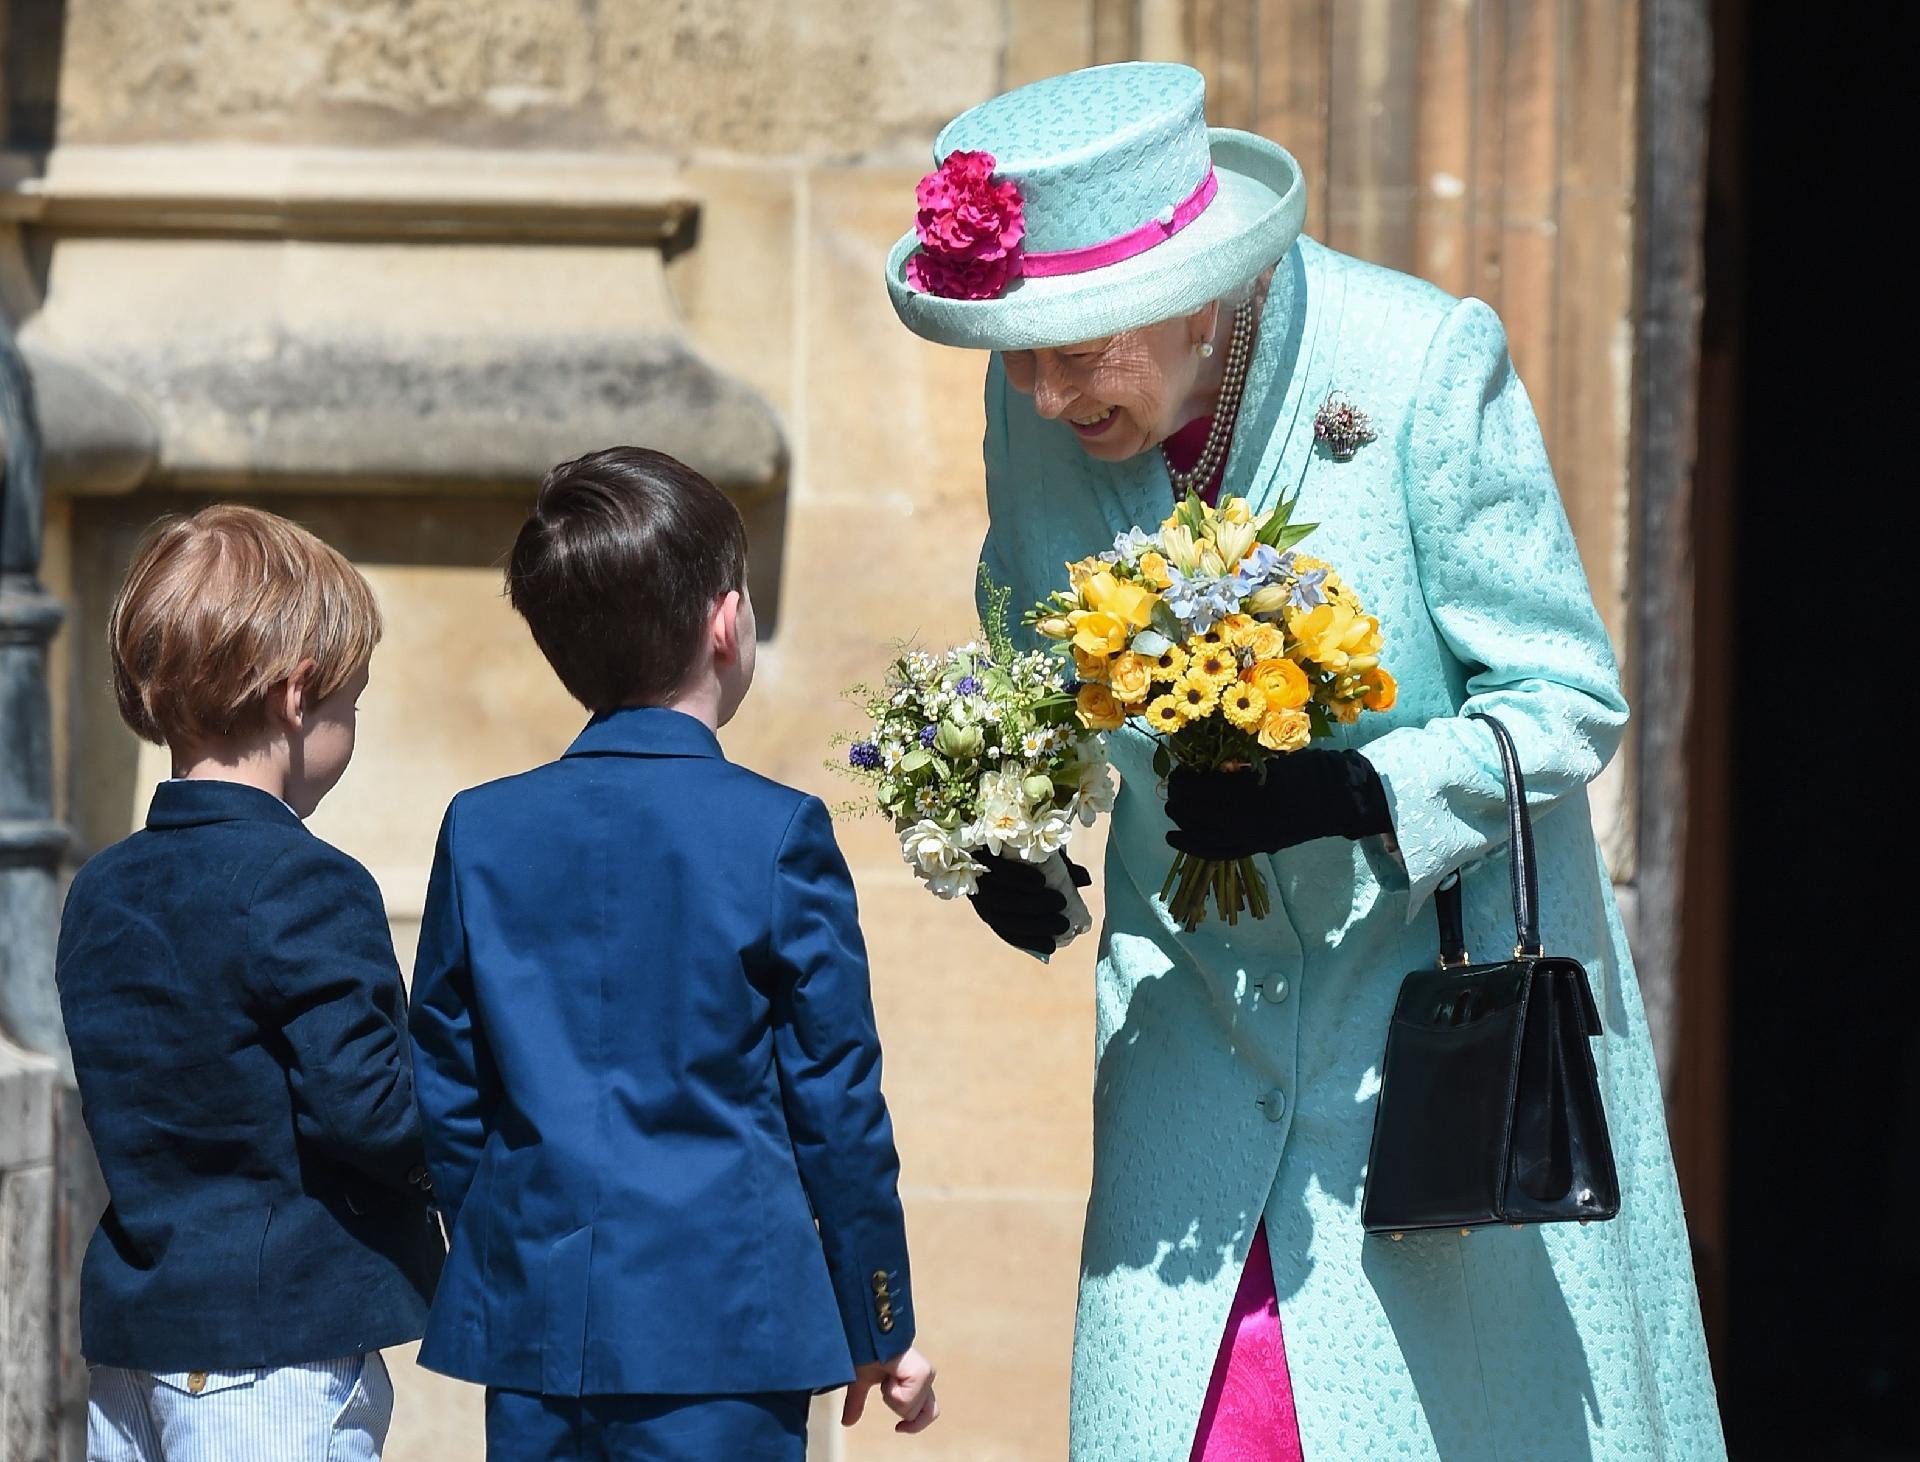 Afinal, por que a Rainha Elizabeth II tem dois aniversários por ano?